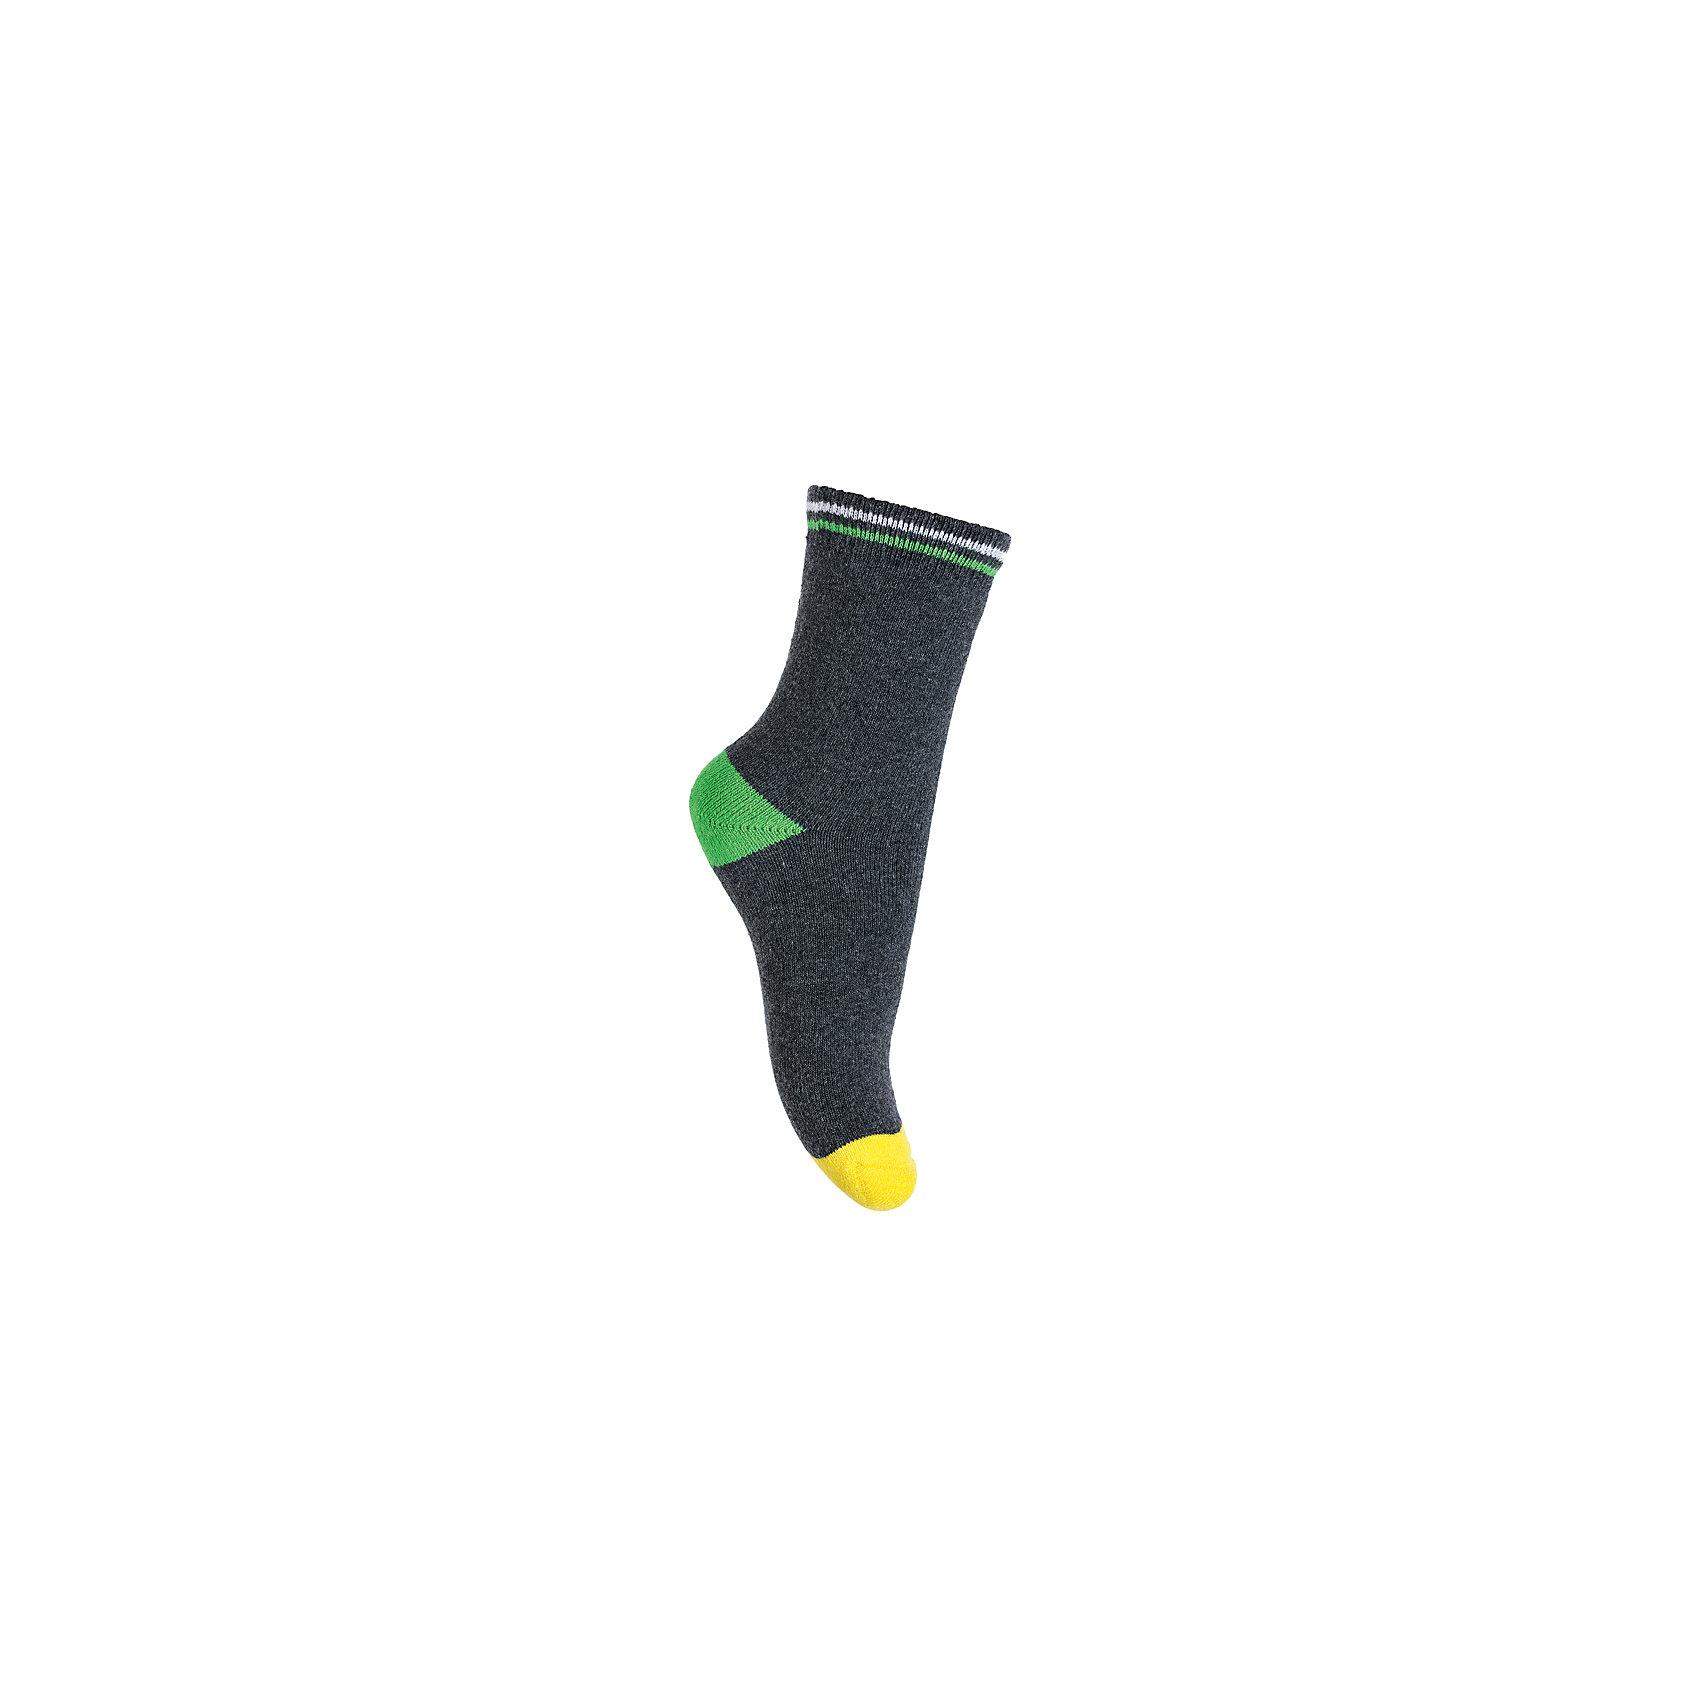 Носки PlayToday для мальчикаНоски<br>Носки PlayToday для мальчика<br>Махровые носки очень мягкие, из  натуральных материалов, приятные к телу и не сковывают движений. Хорошо пропускают воздух, тем самым позволяя коже дышать. Даже частые стирки, при условии соблюдений рекомендаций по уходу, не изменят ни форму, ни цвет изделия. Модель выполнена в технике - yarn dyed - в процессе производства в полотне используются разного цвета нити.  Мягкая резинка не сдавливает нежную детскую кожу.<br>Состав:<br>80% хлопок, 15% нейлон, 5% эластан<br><br>Ширина мм: 87<br>Глубина мм: 10<br>Высота мм: 105<br>Вес г: 115<br>Цвет: серый<br>Возраст от месяцев: 84<br>Возраст до месяцев: 96<br>Пол: Мужской<br>Возраст: Детский<br>Размер: 18,14,16<br>SKU: 7109613